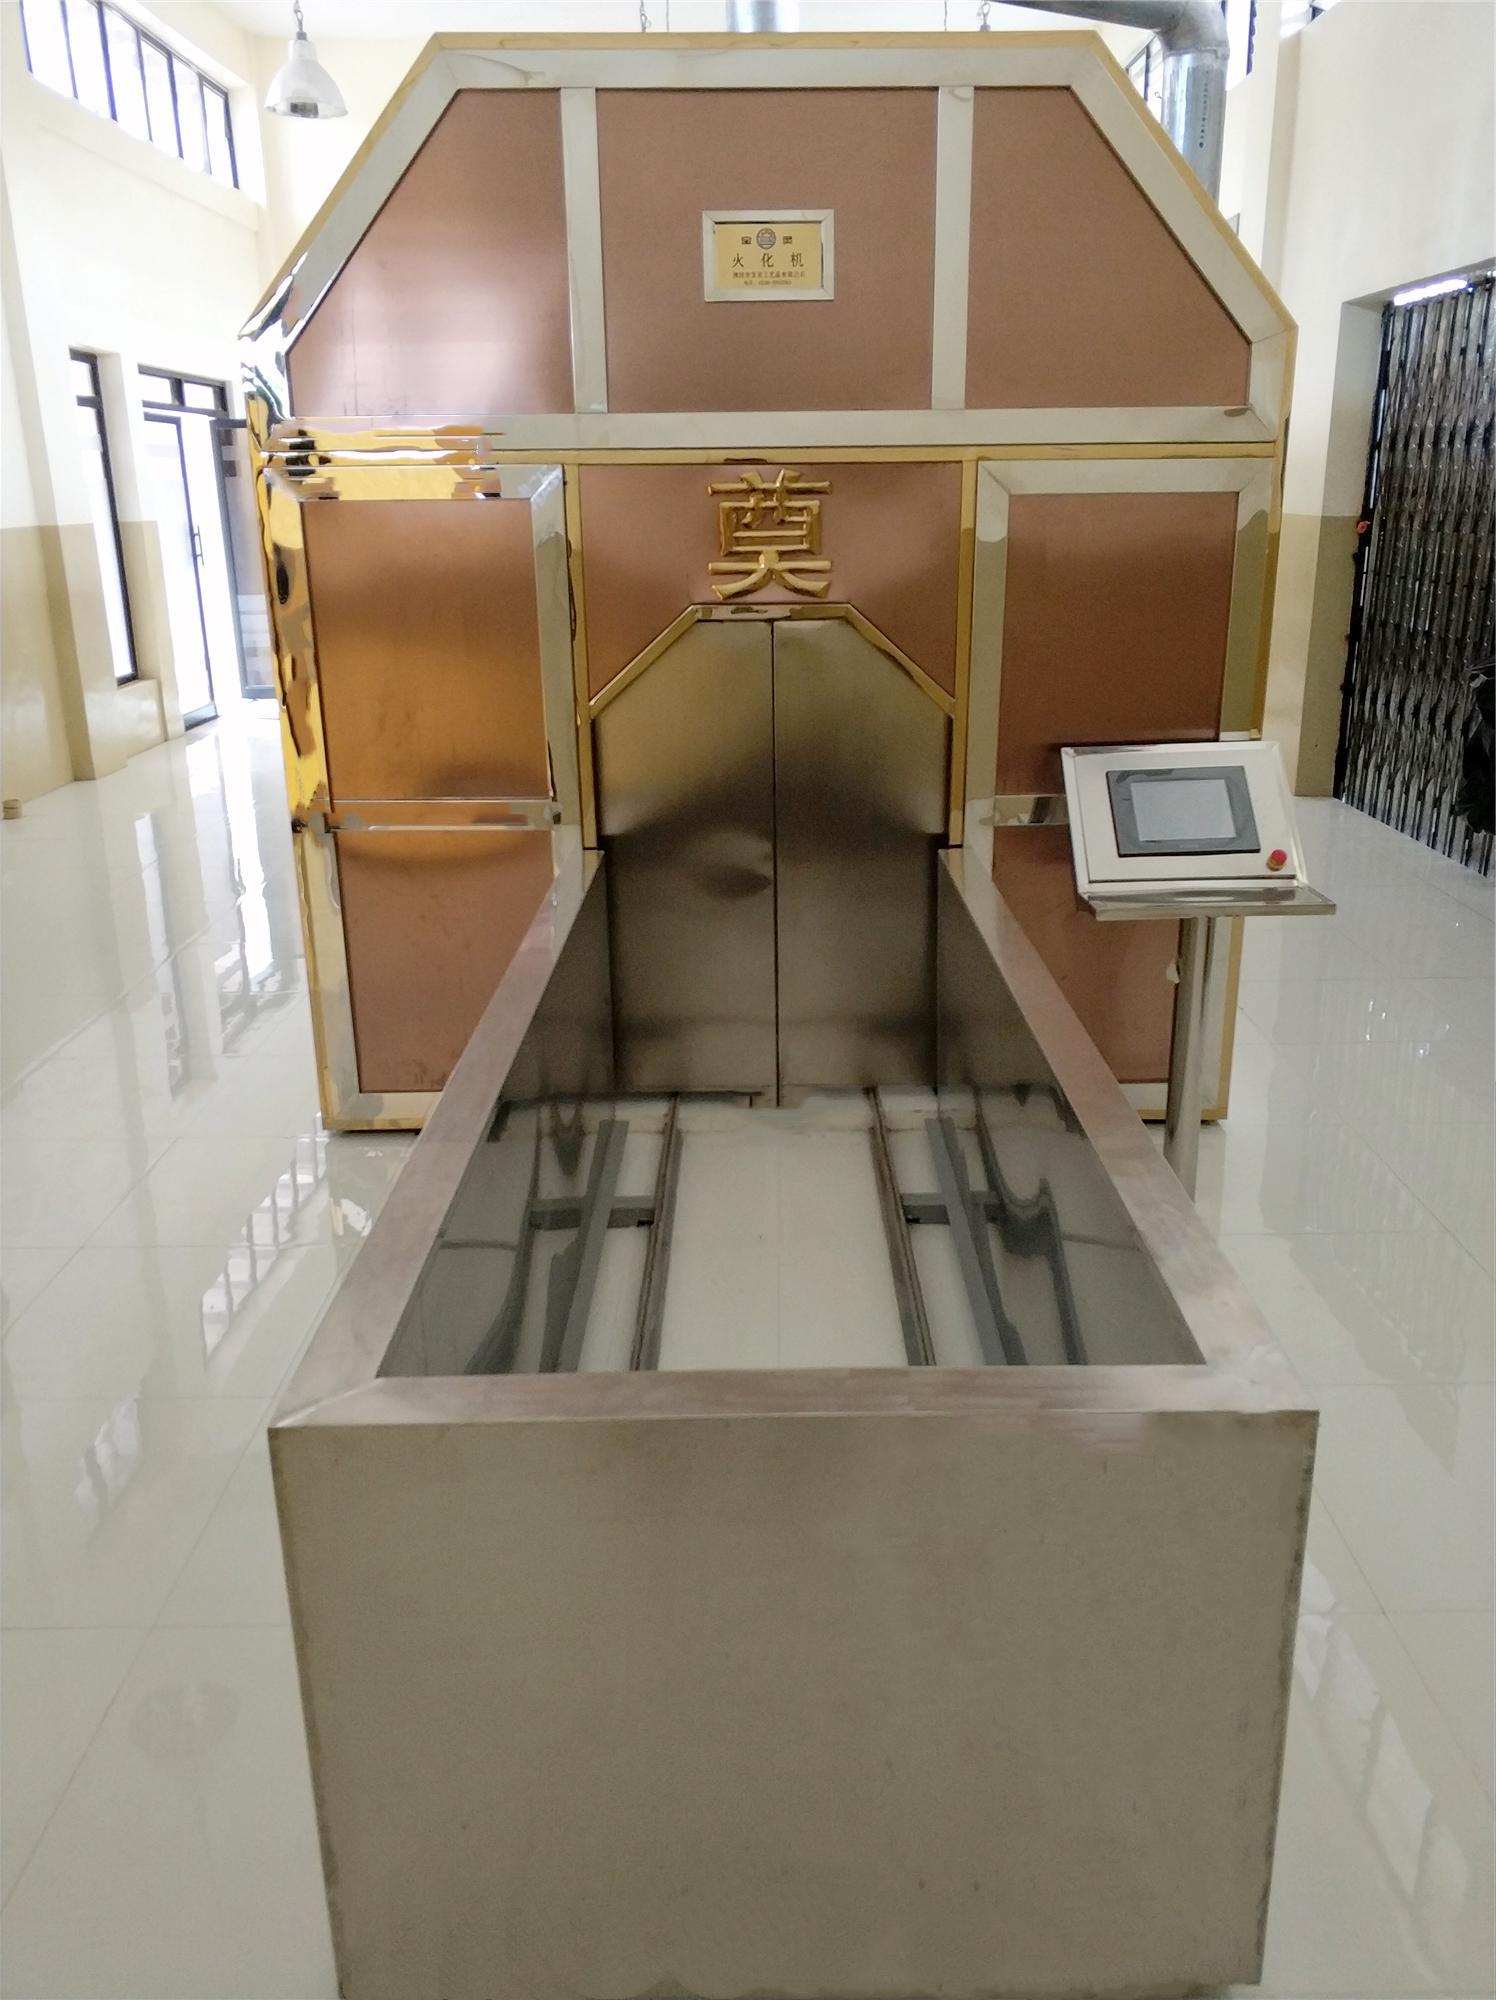 Equipo automático de horno a humanos crematorio para  5